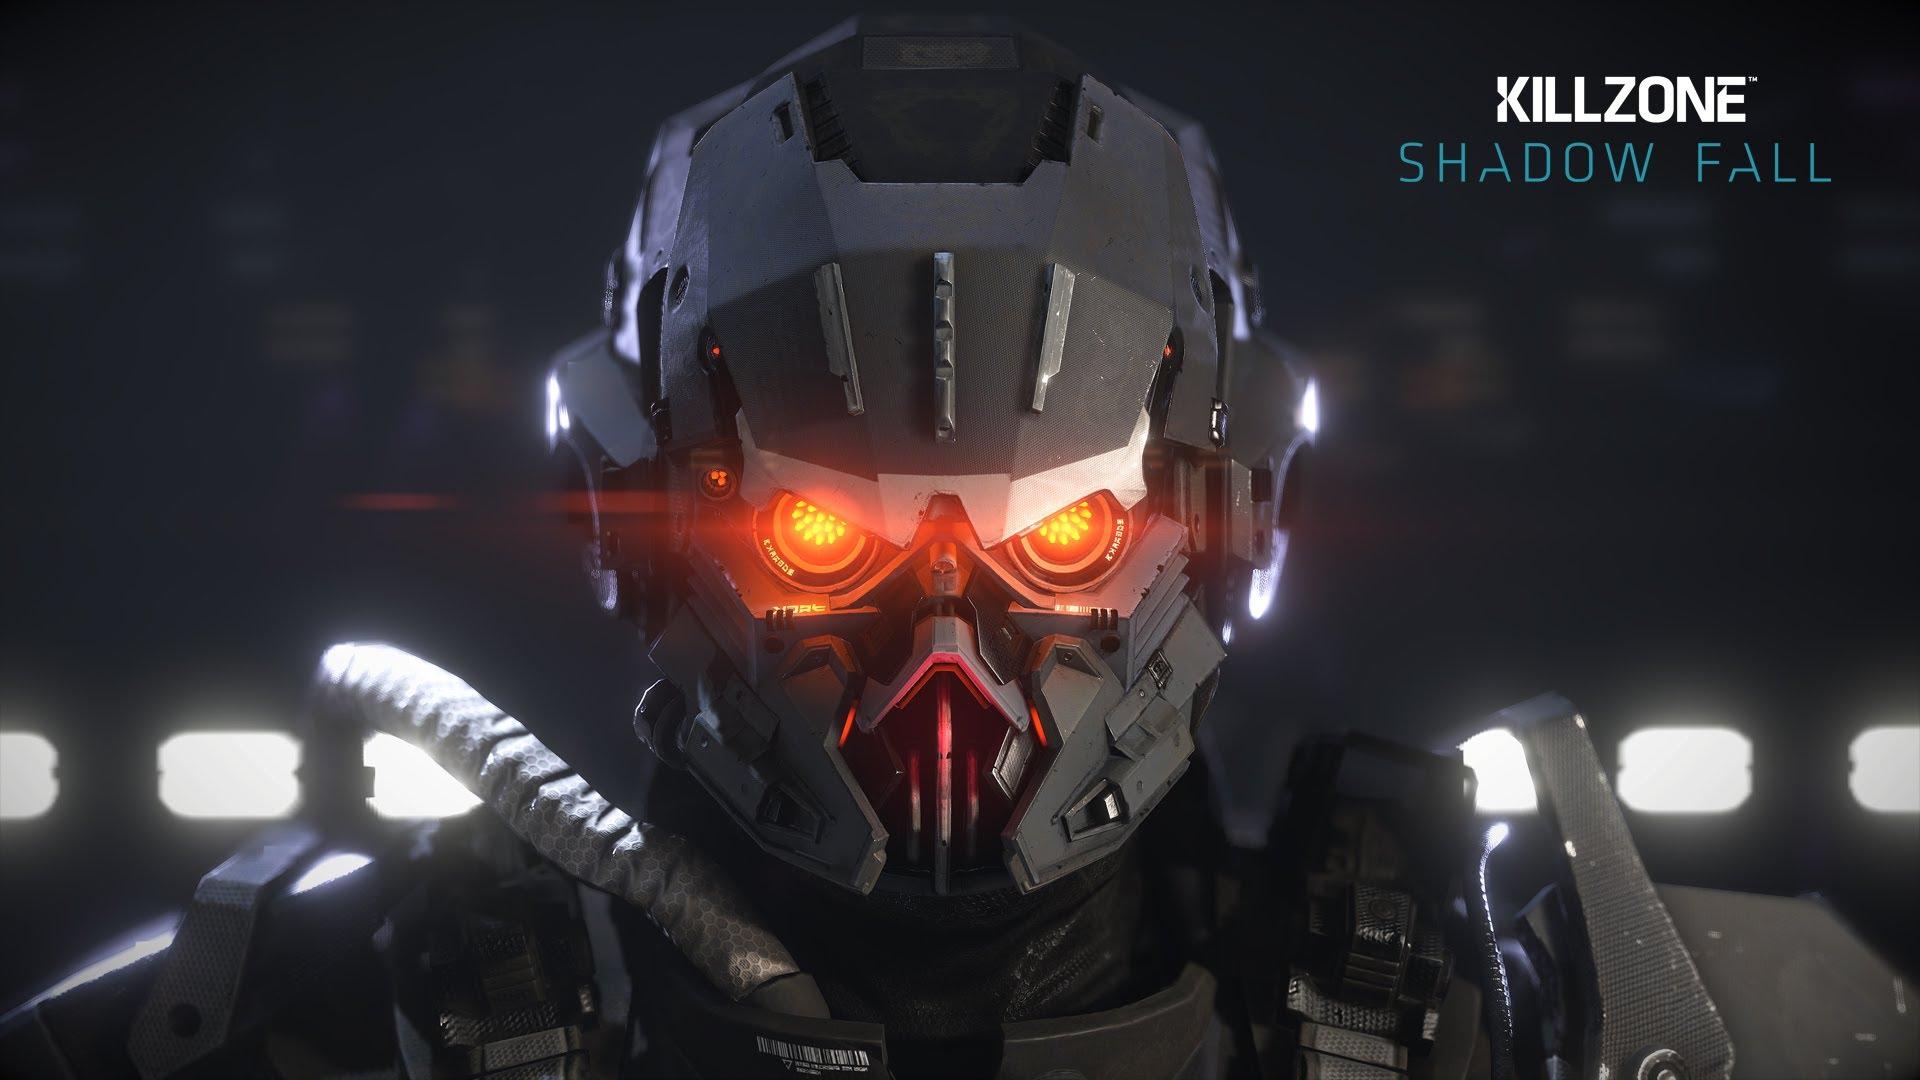 Killzone Shadow Fall 1080p Wallpaper w Killzone Shadow Fall nie